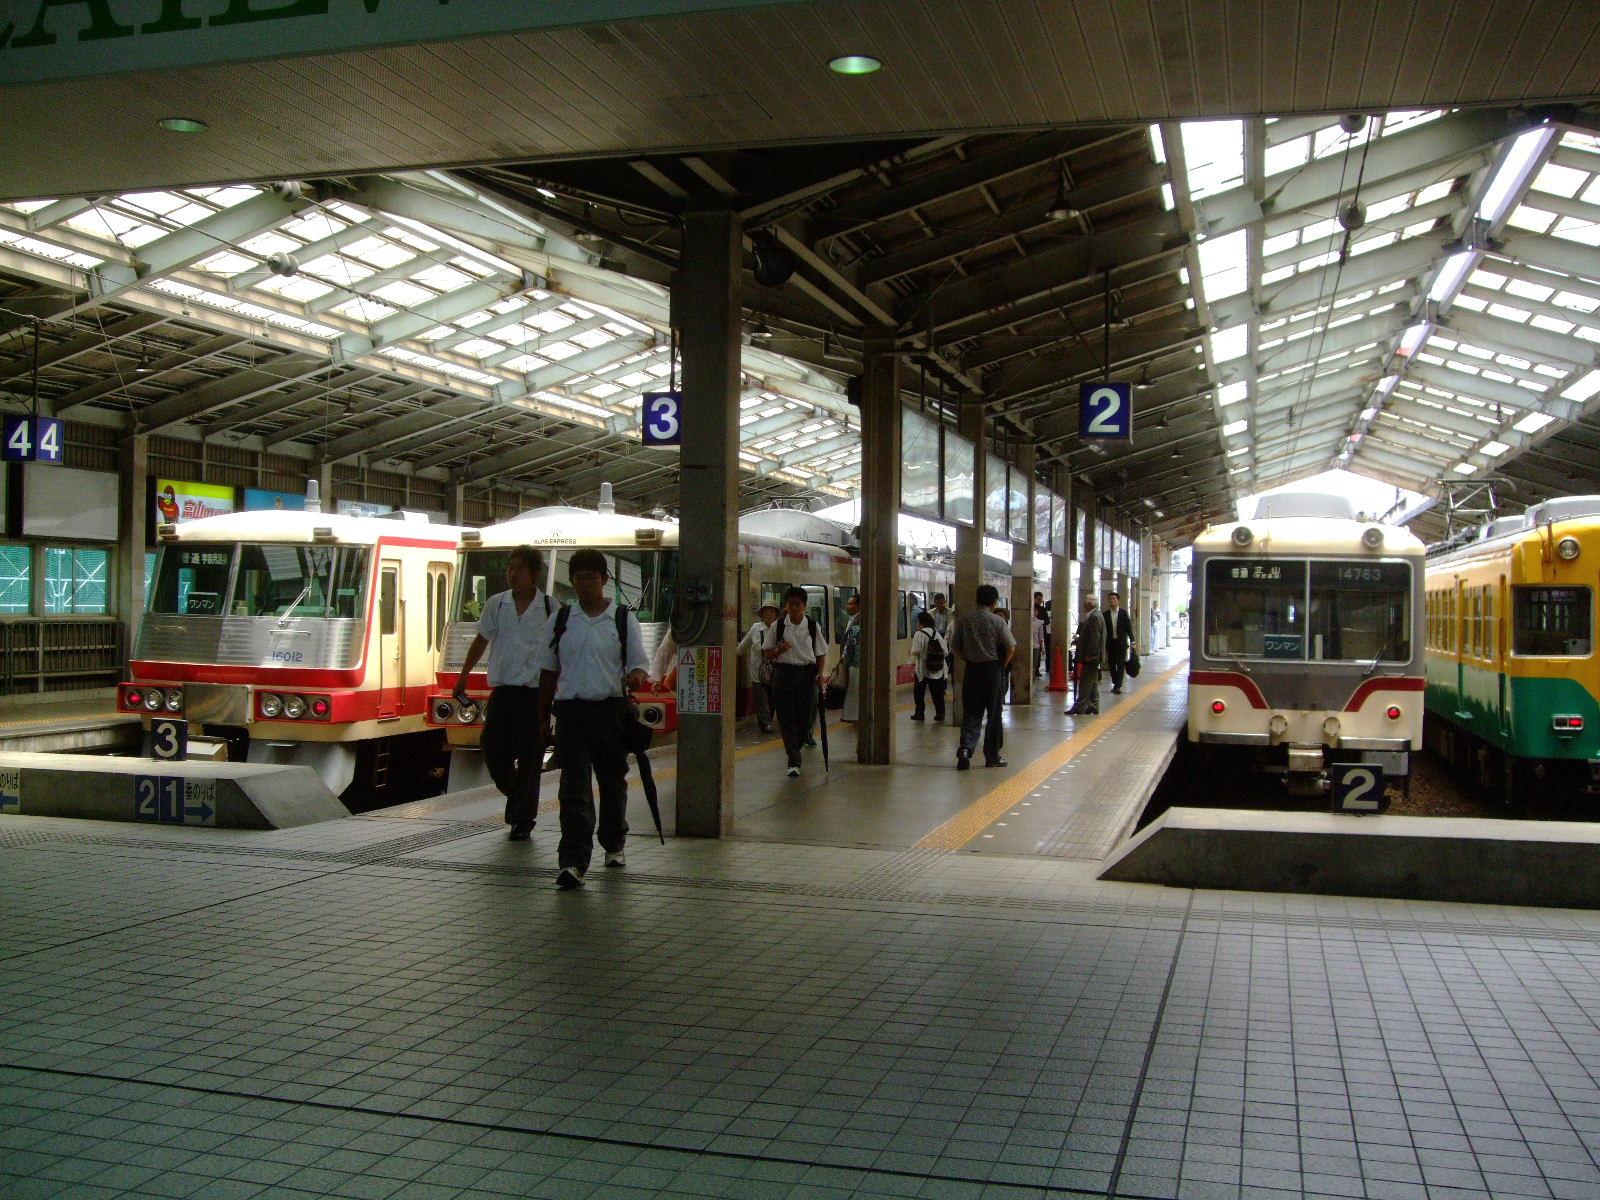 第11話 富山地方鉄道の市内電車に乗ってみる_f0100593_8432686.jpg